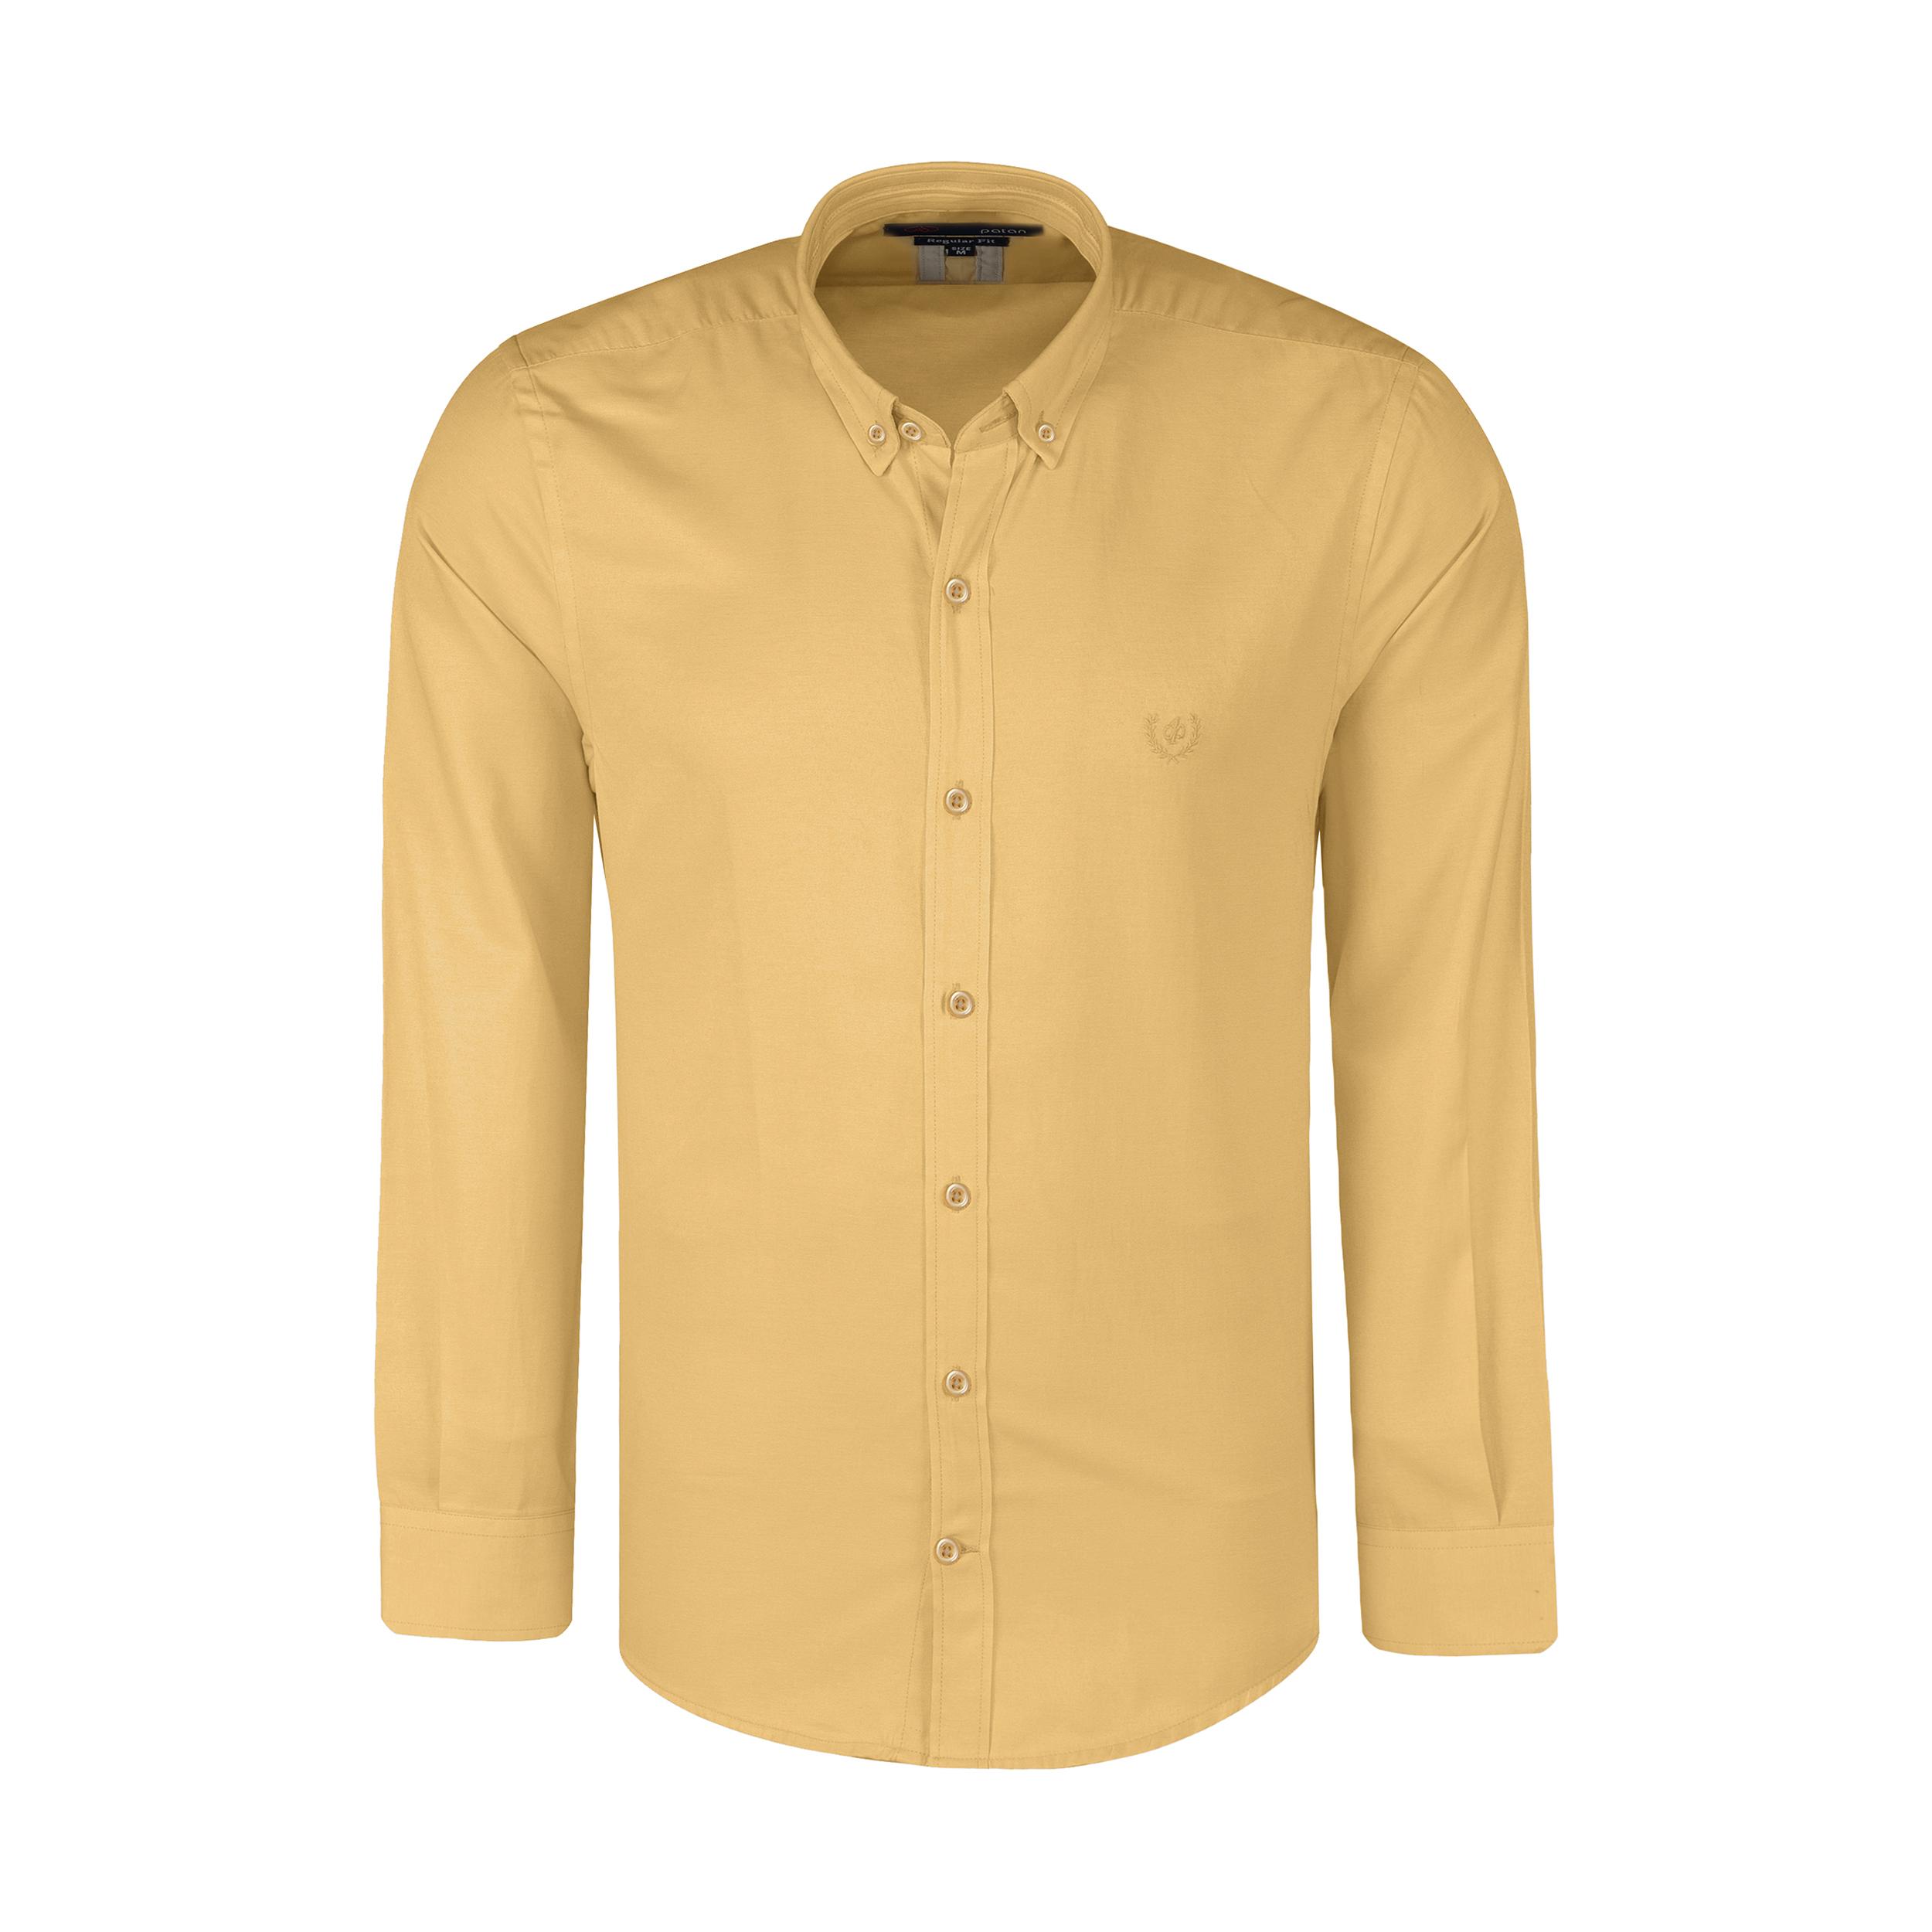 پیراهن آستین بلند مردانه پاتن جامه مدل 102821000091535